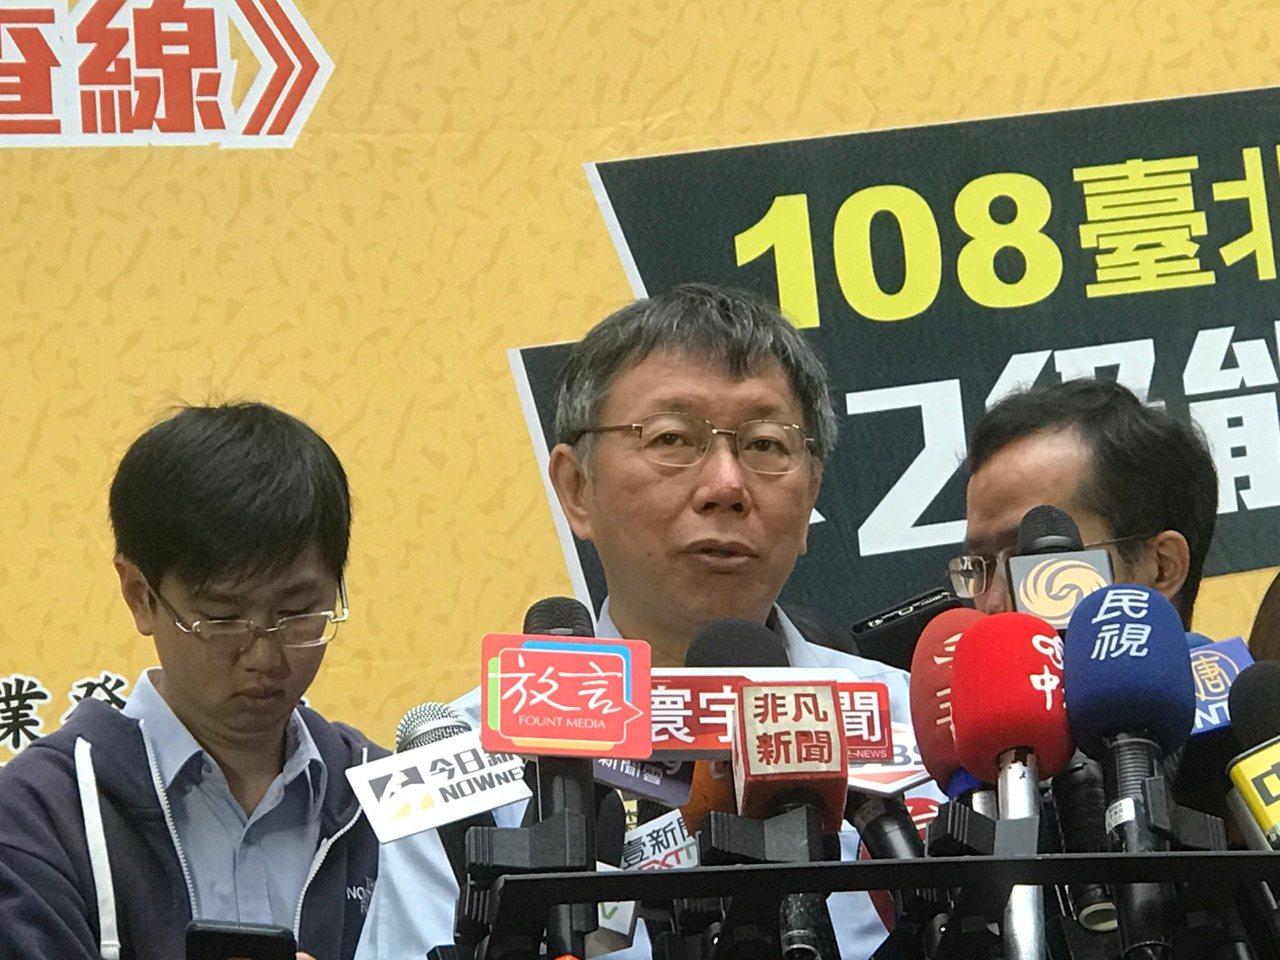 台北市长柯文哲上午参加市府节能季活动。记者杨正海/摄影